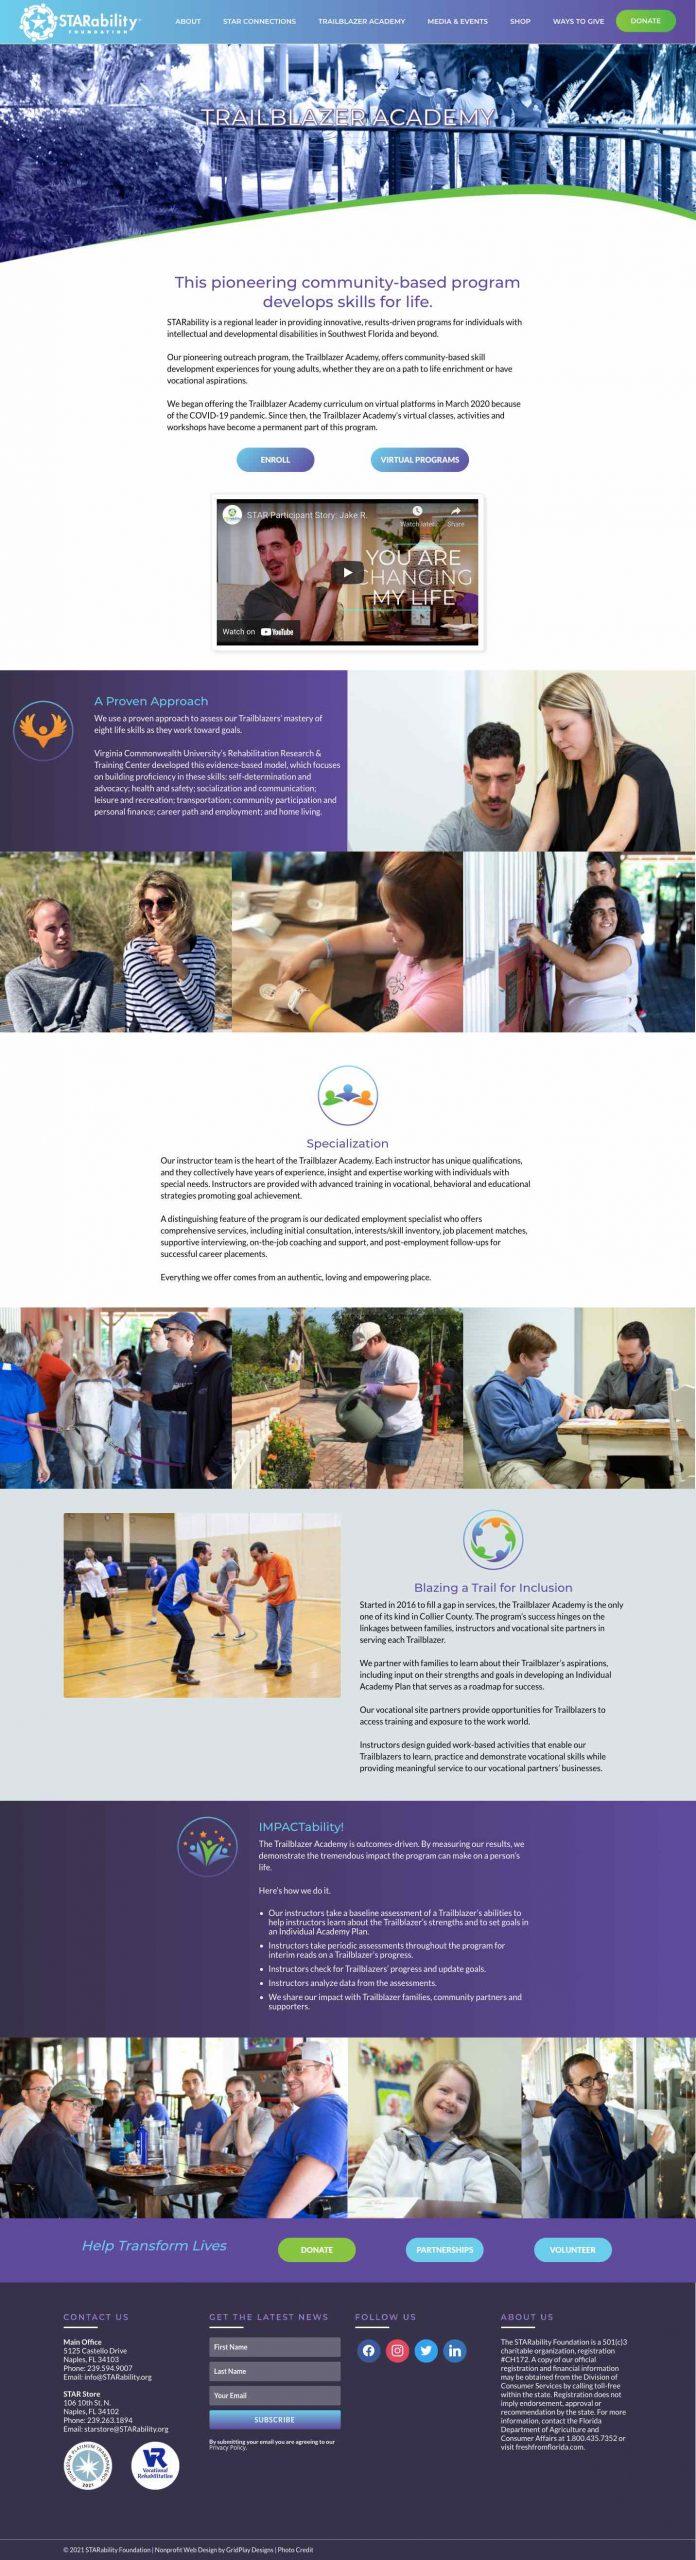 STARability Foundation Trailblazer Page